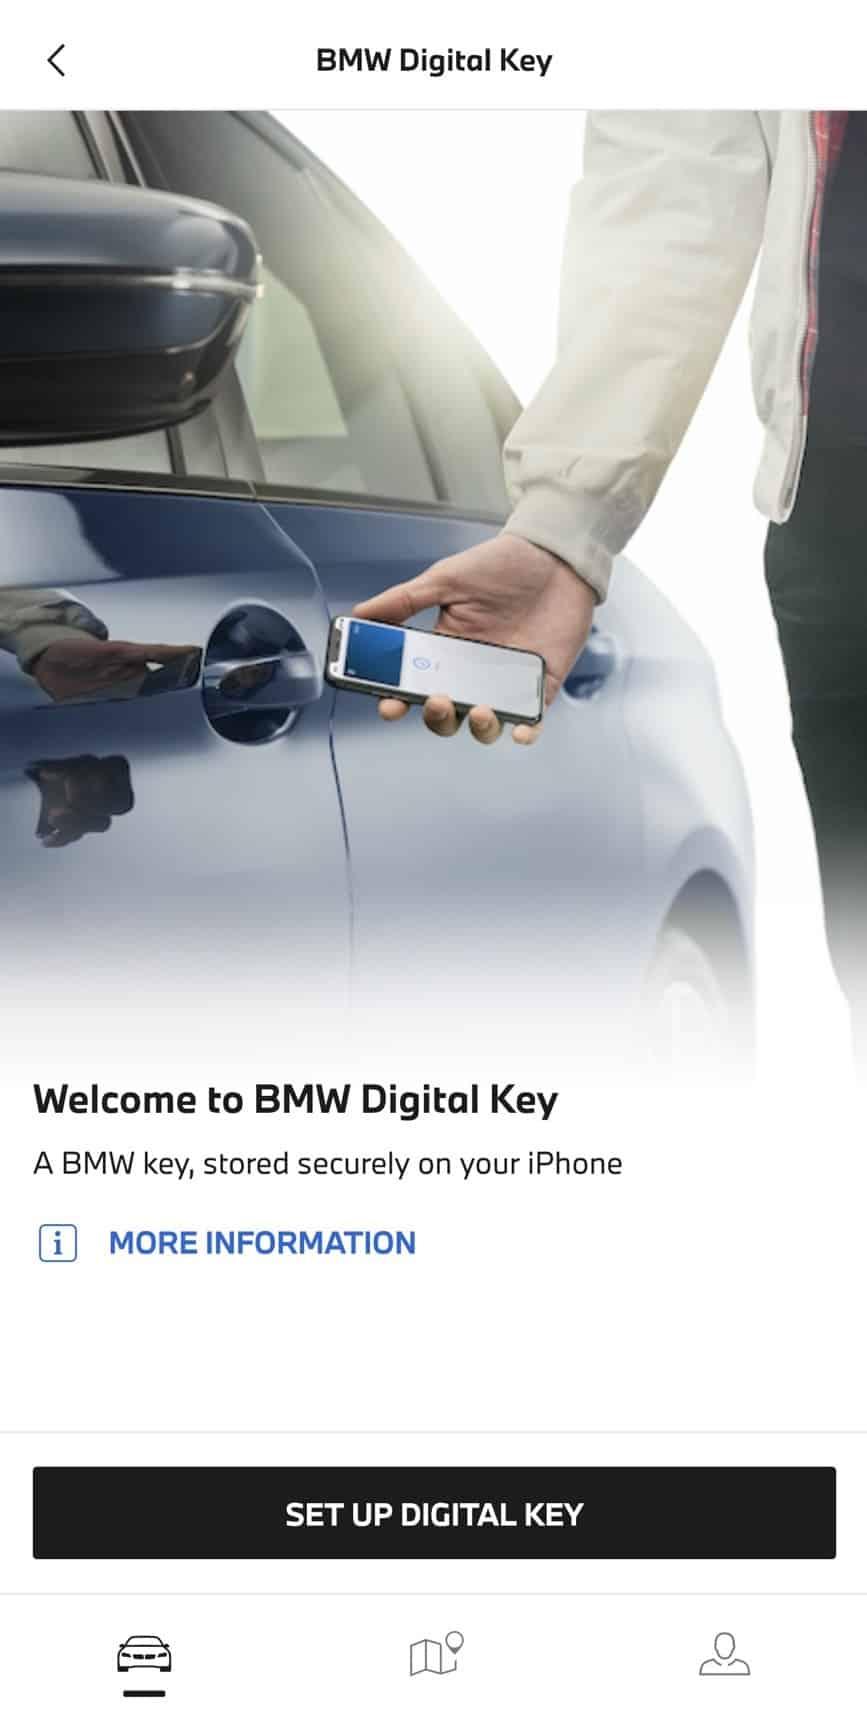 วิธีการติดตั้ง Digital Key 2